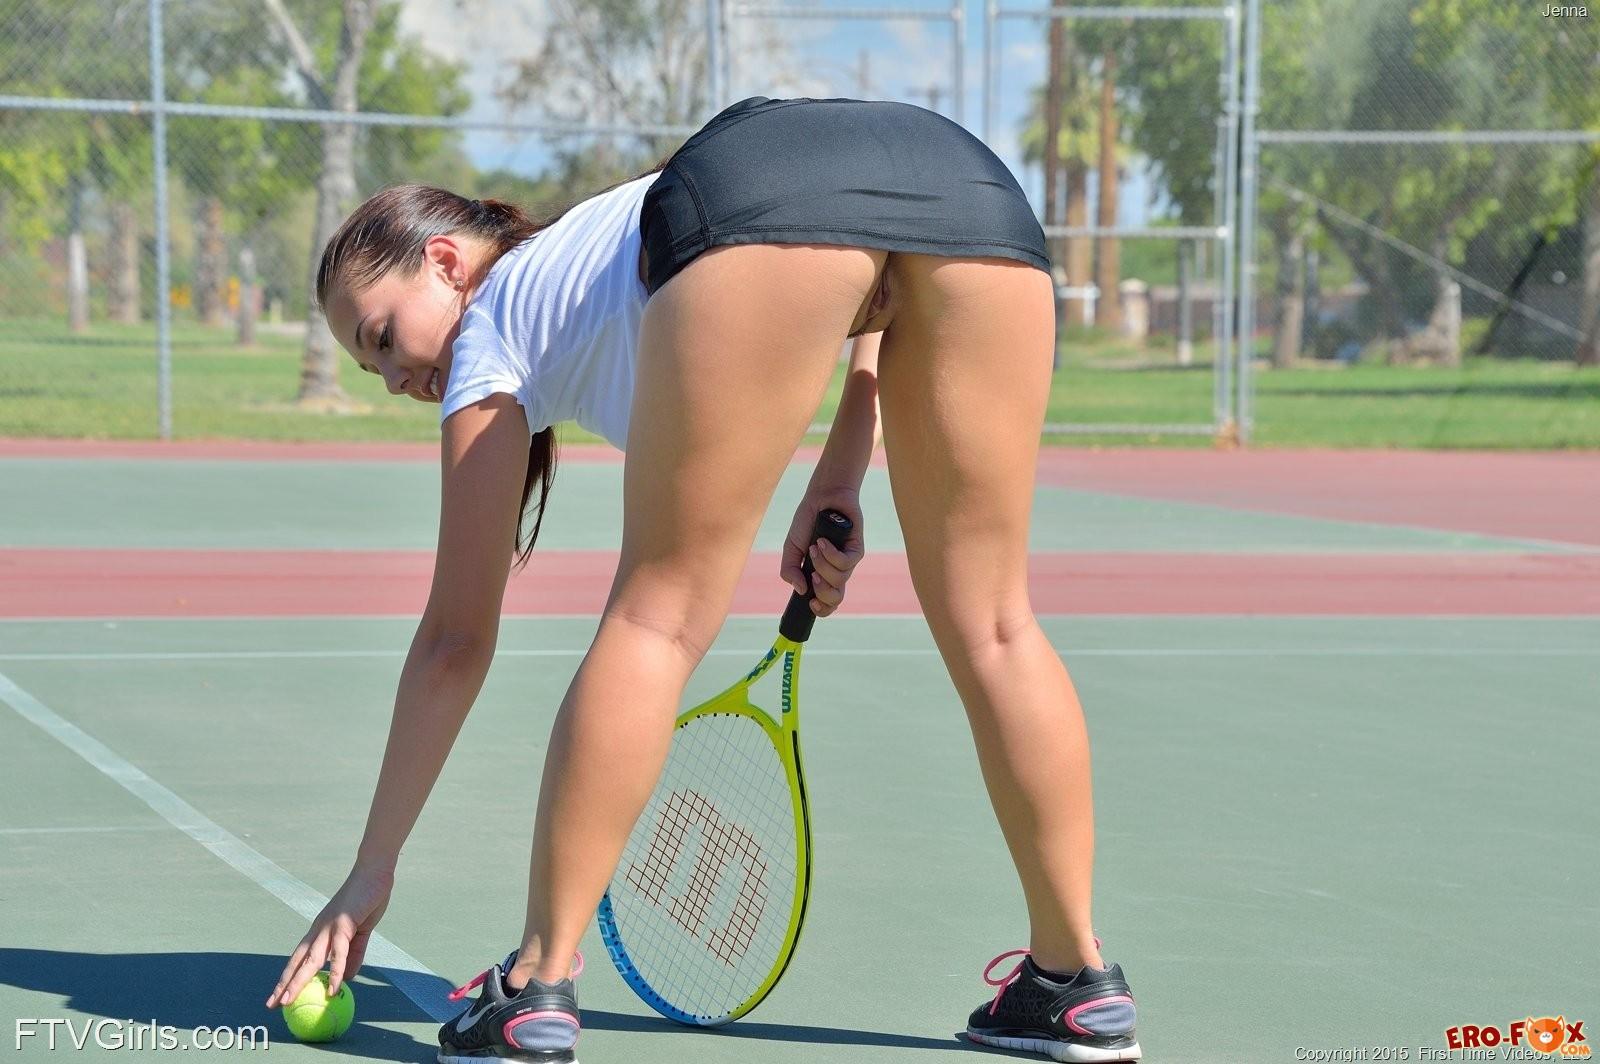 Эротический засвет спортсменок, Смотреть фото засветов в спорте, спортивная эротика 2 фотография